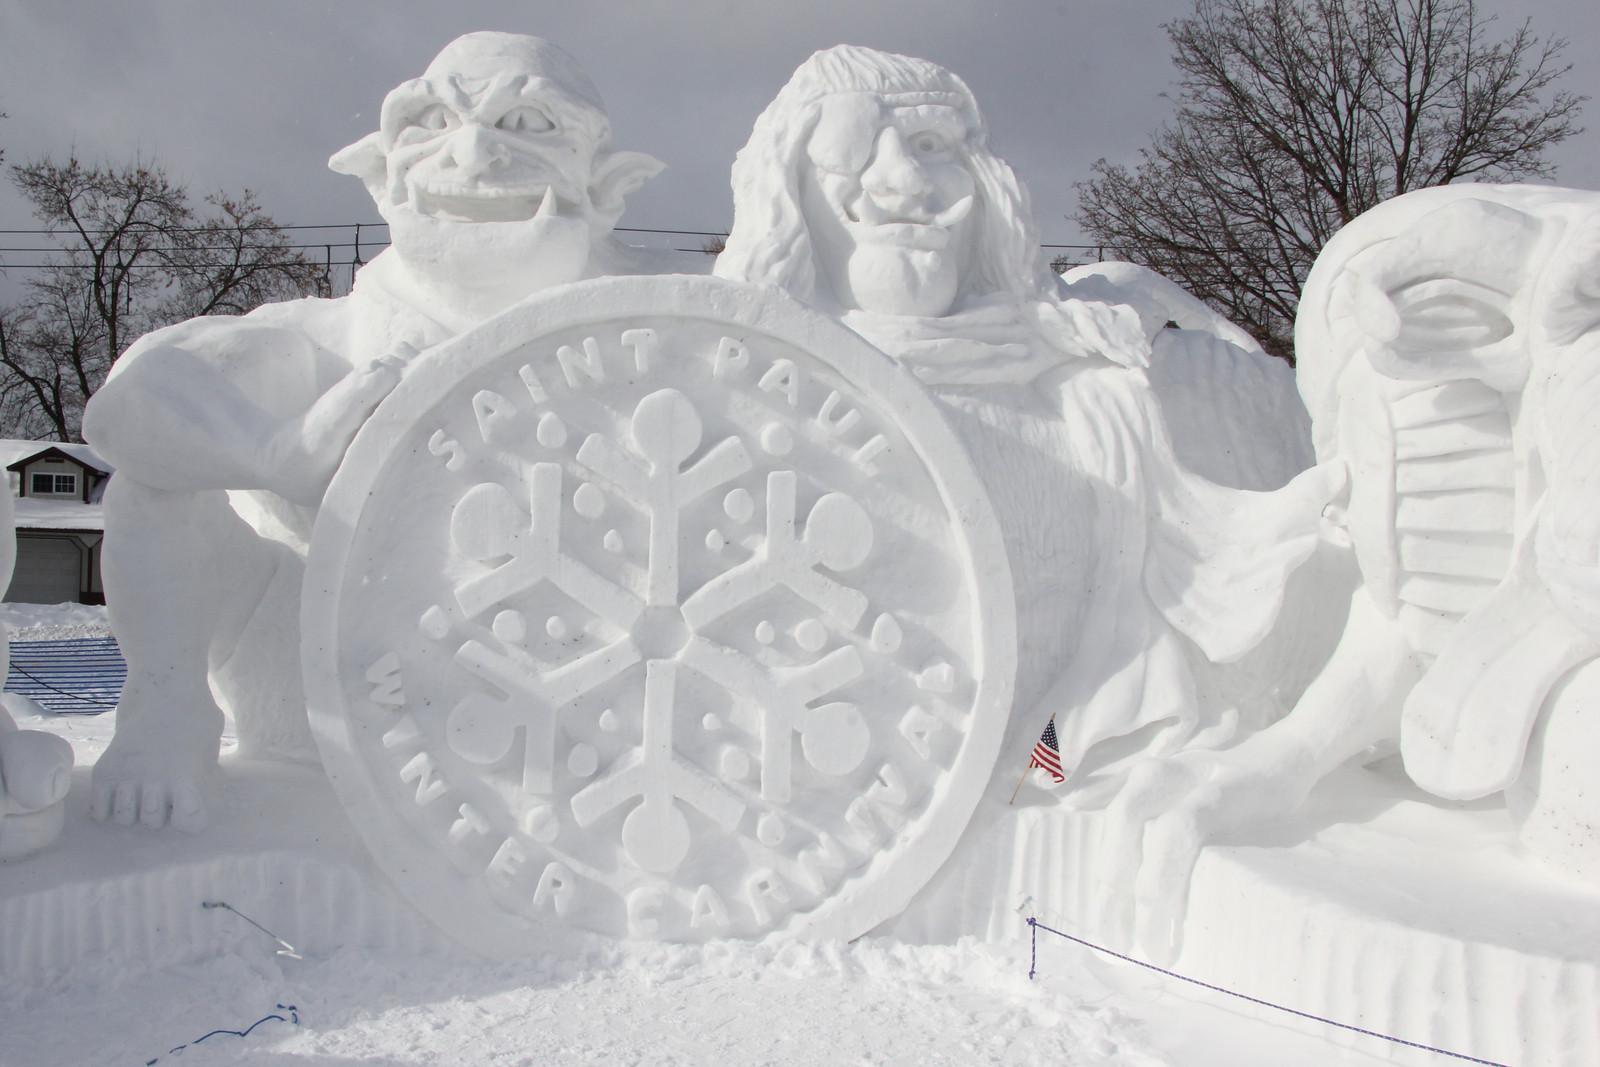 Snow Park - Snow Image